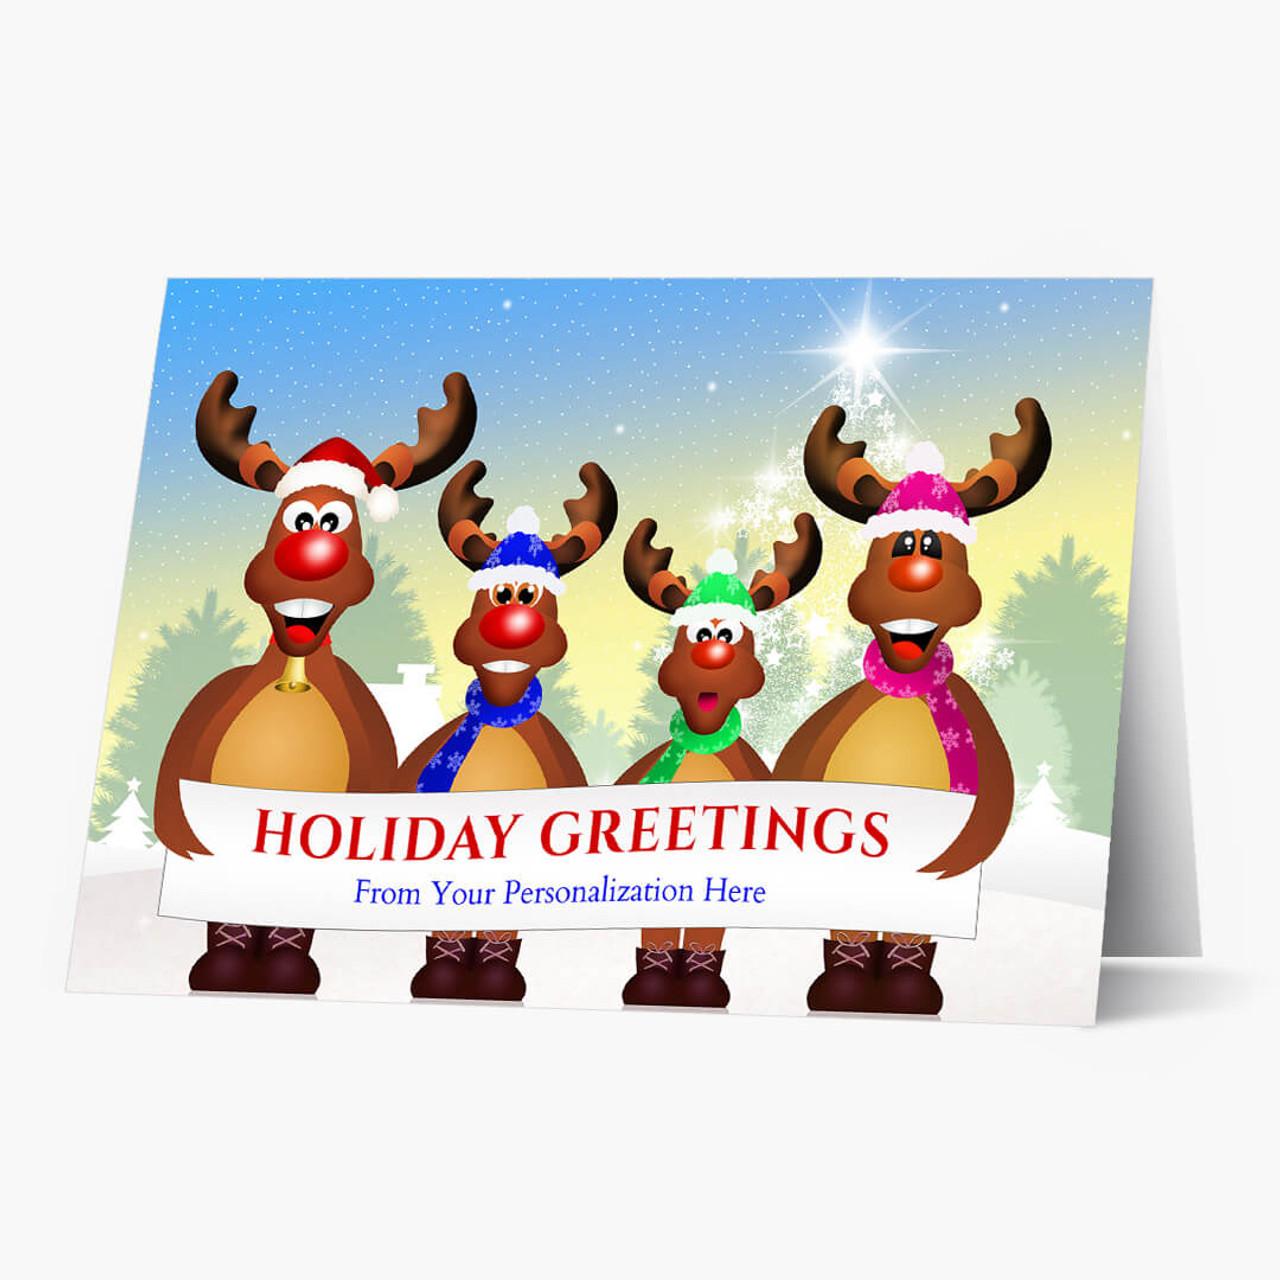 Group Greetings Christmas Card